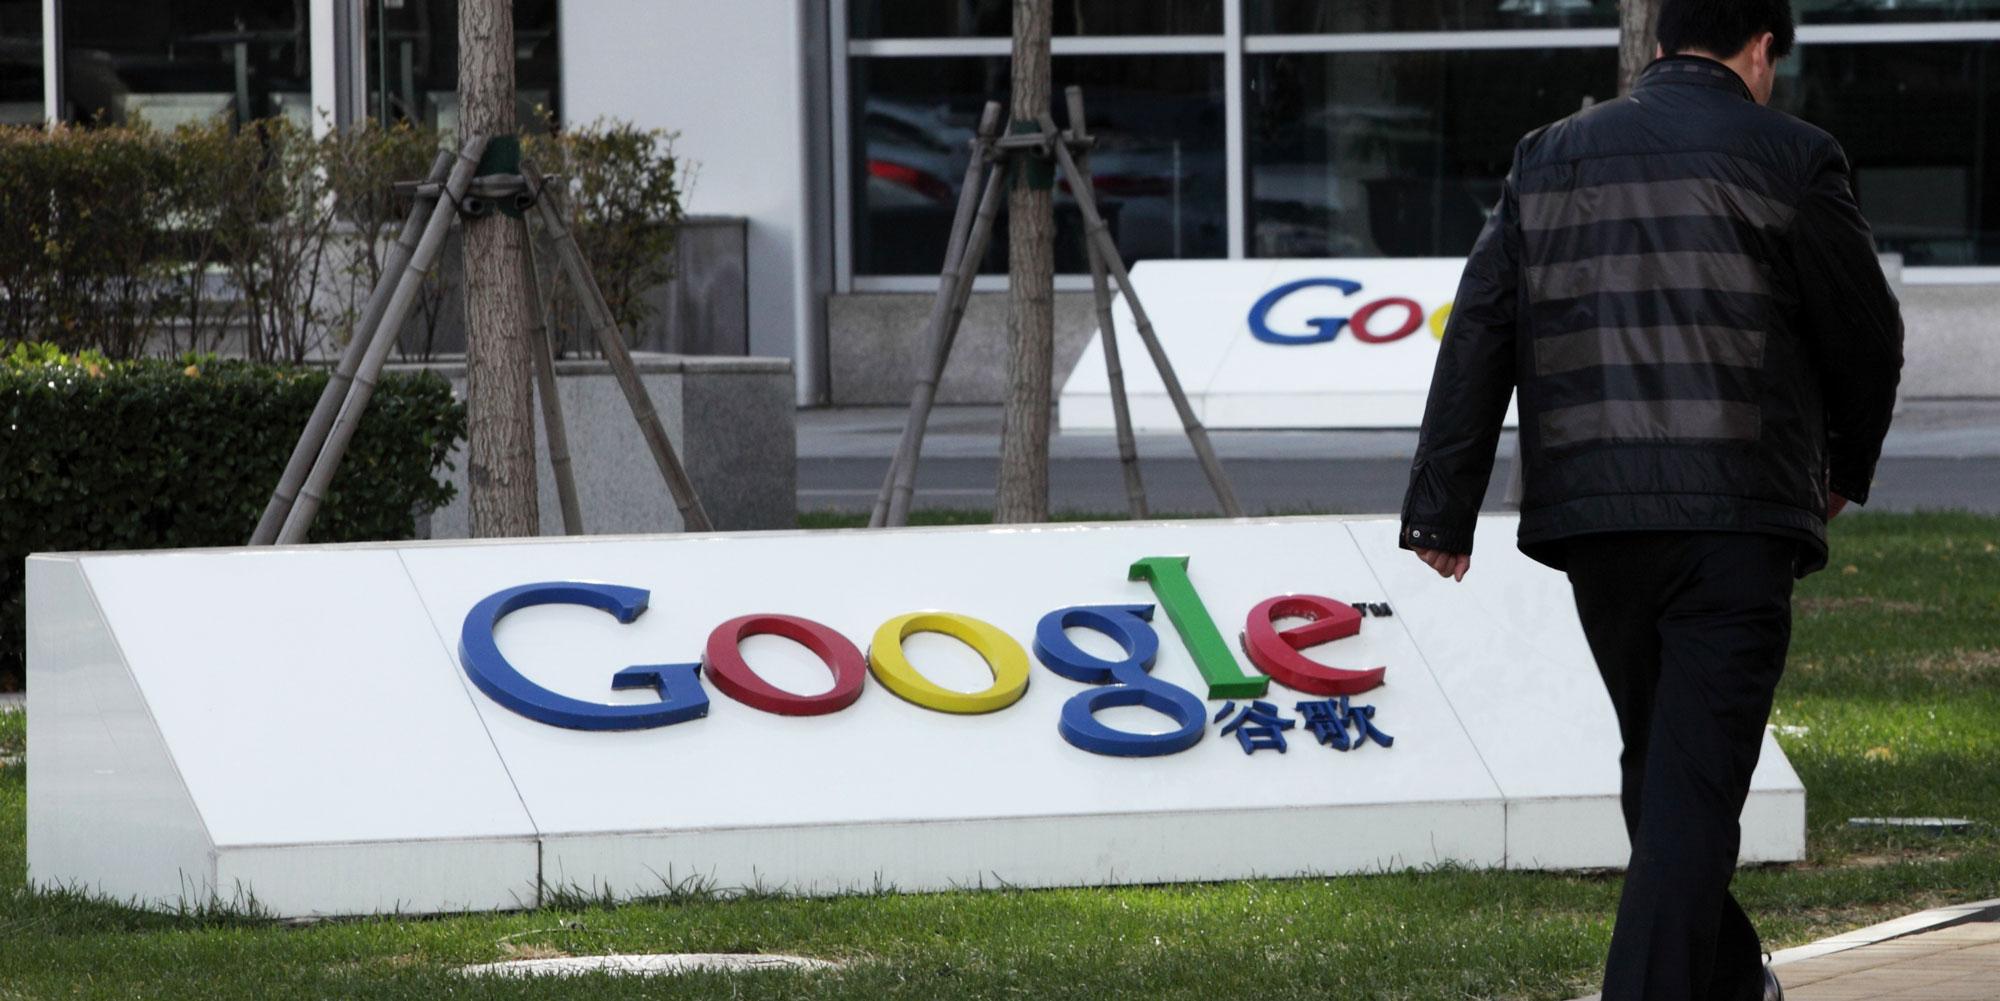 [Перевод] Как Google пытается разработать поисковую систему с цензурой для Китая